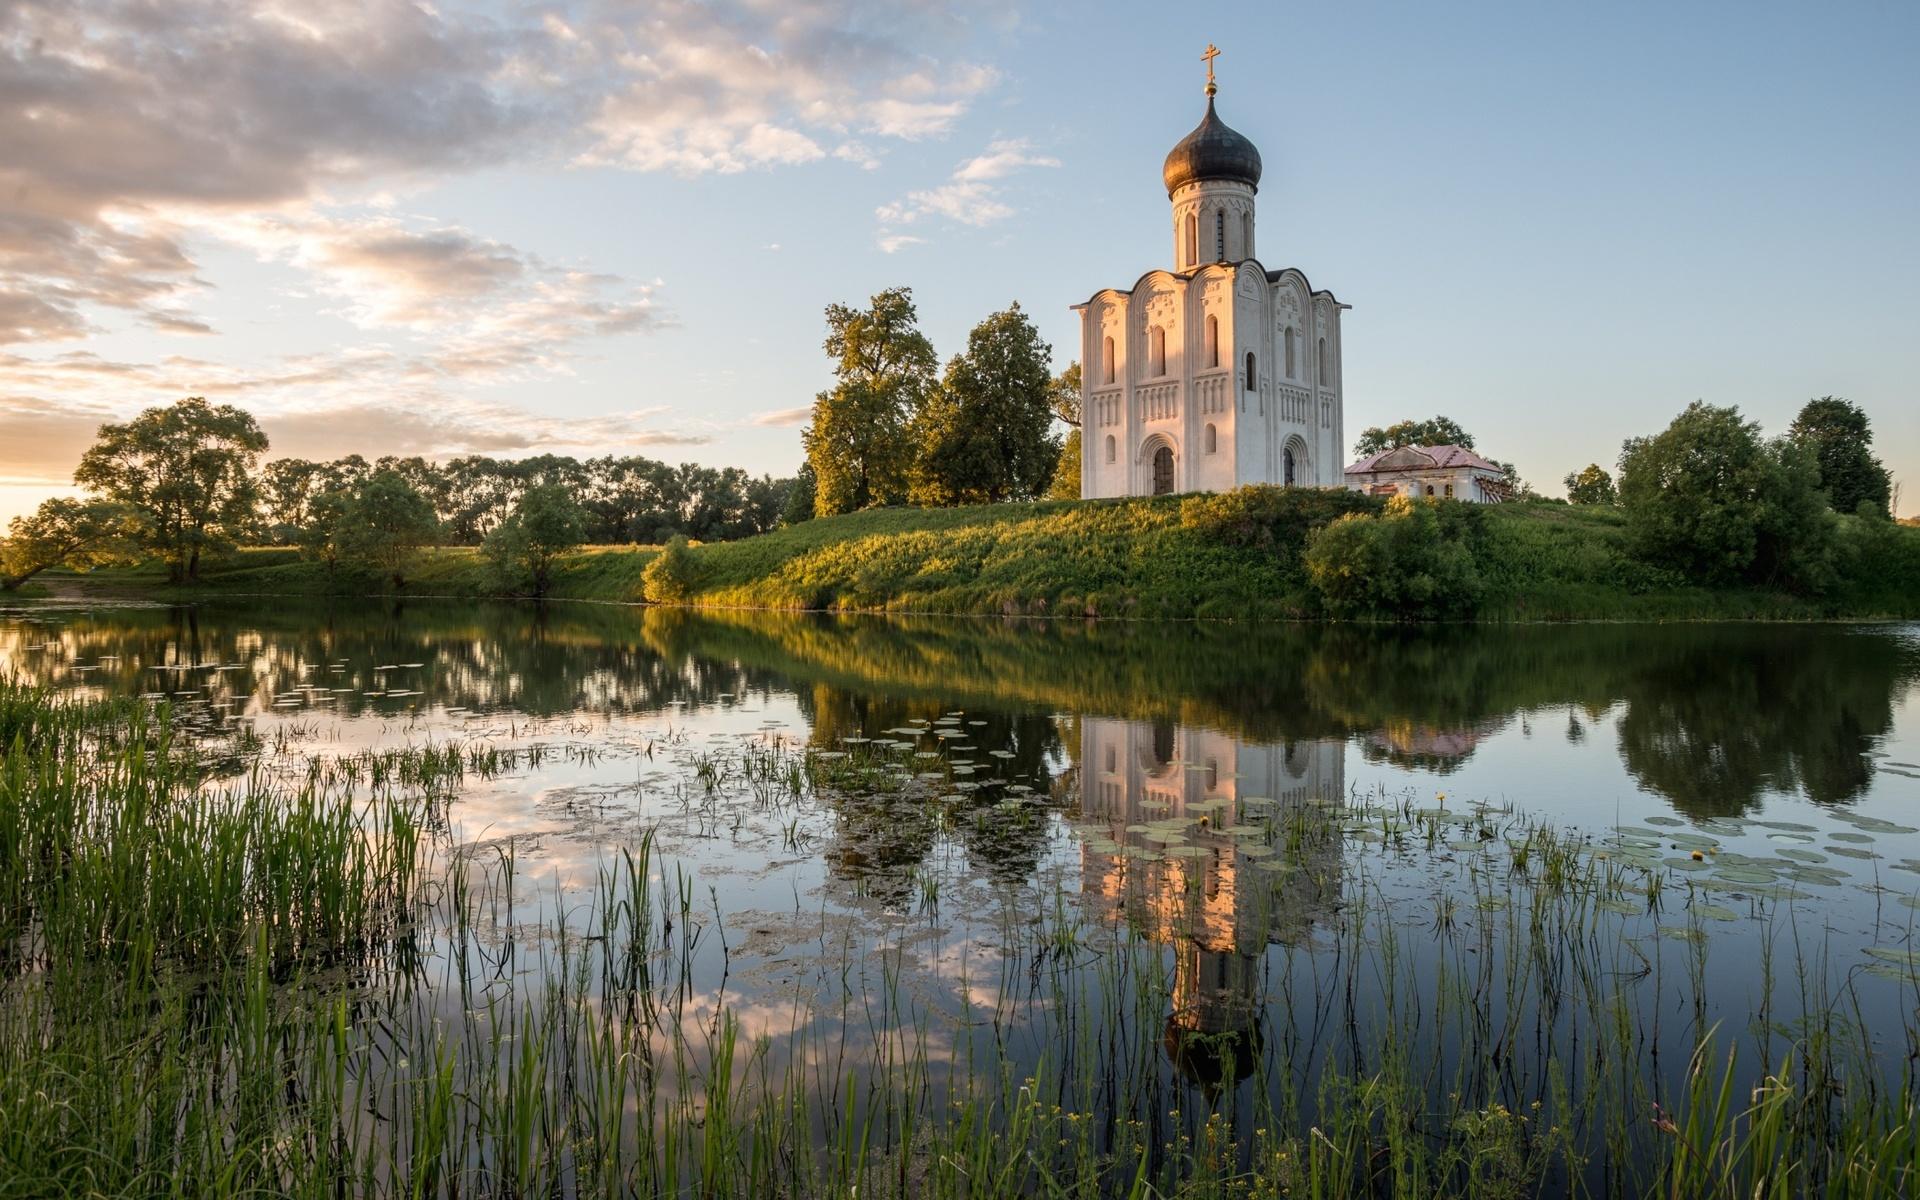 Церквушка и природа картинки